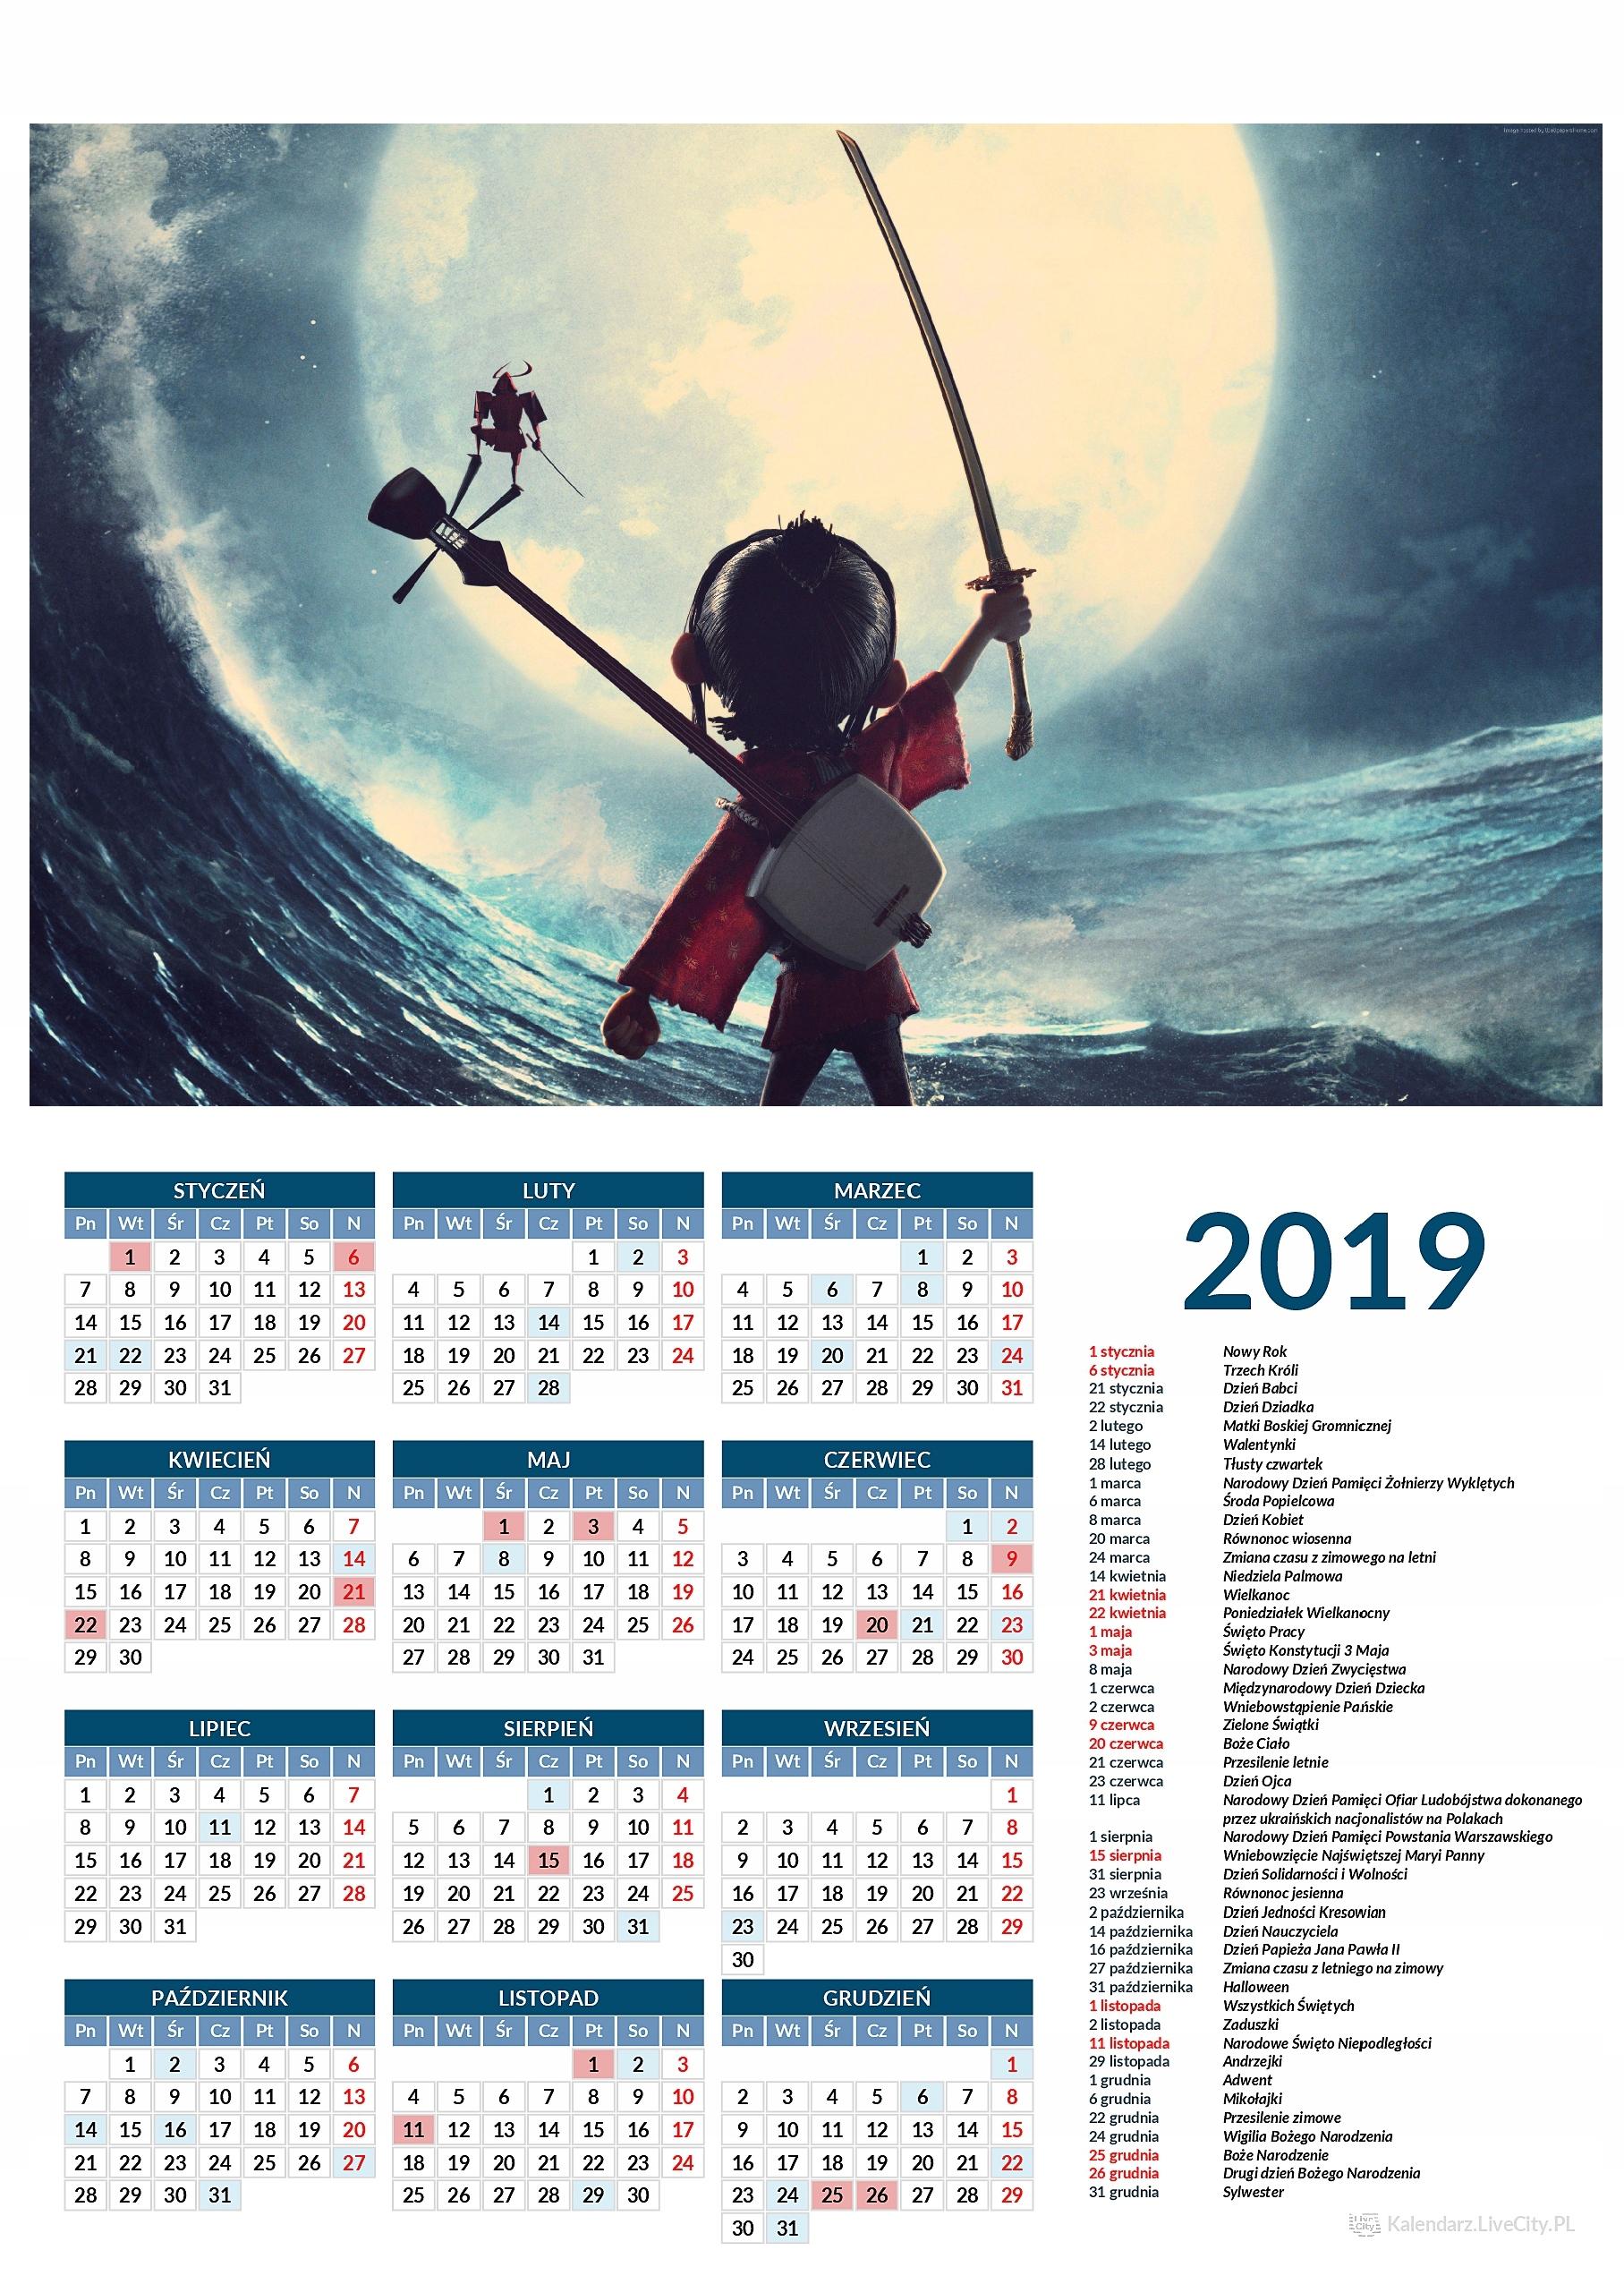 Kalendarz 2019 film kubo i dwie struny